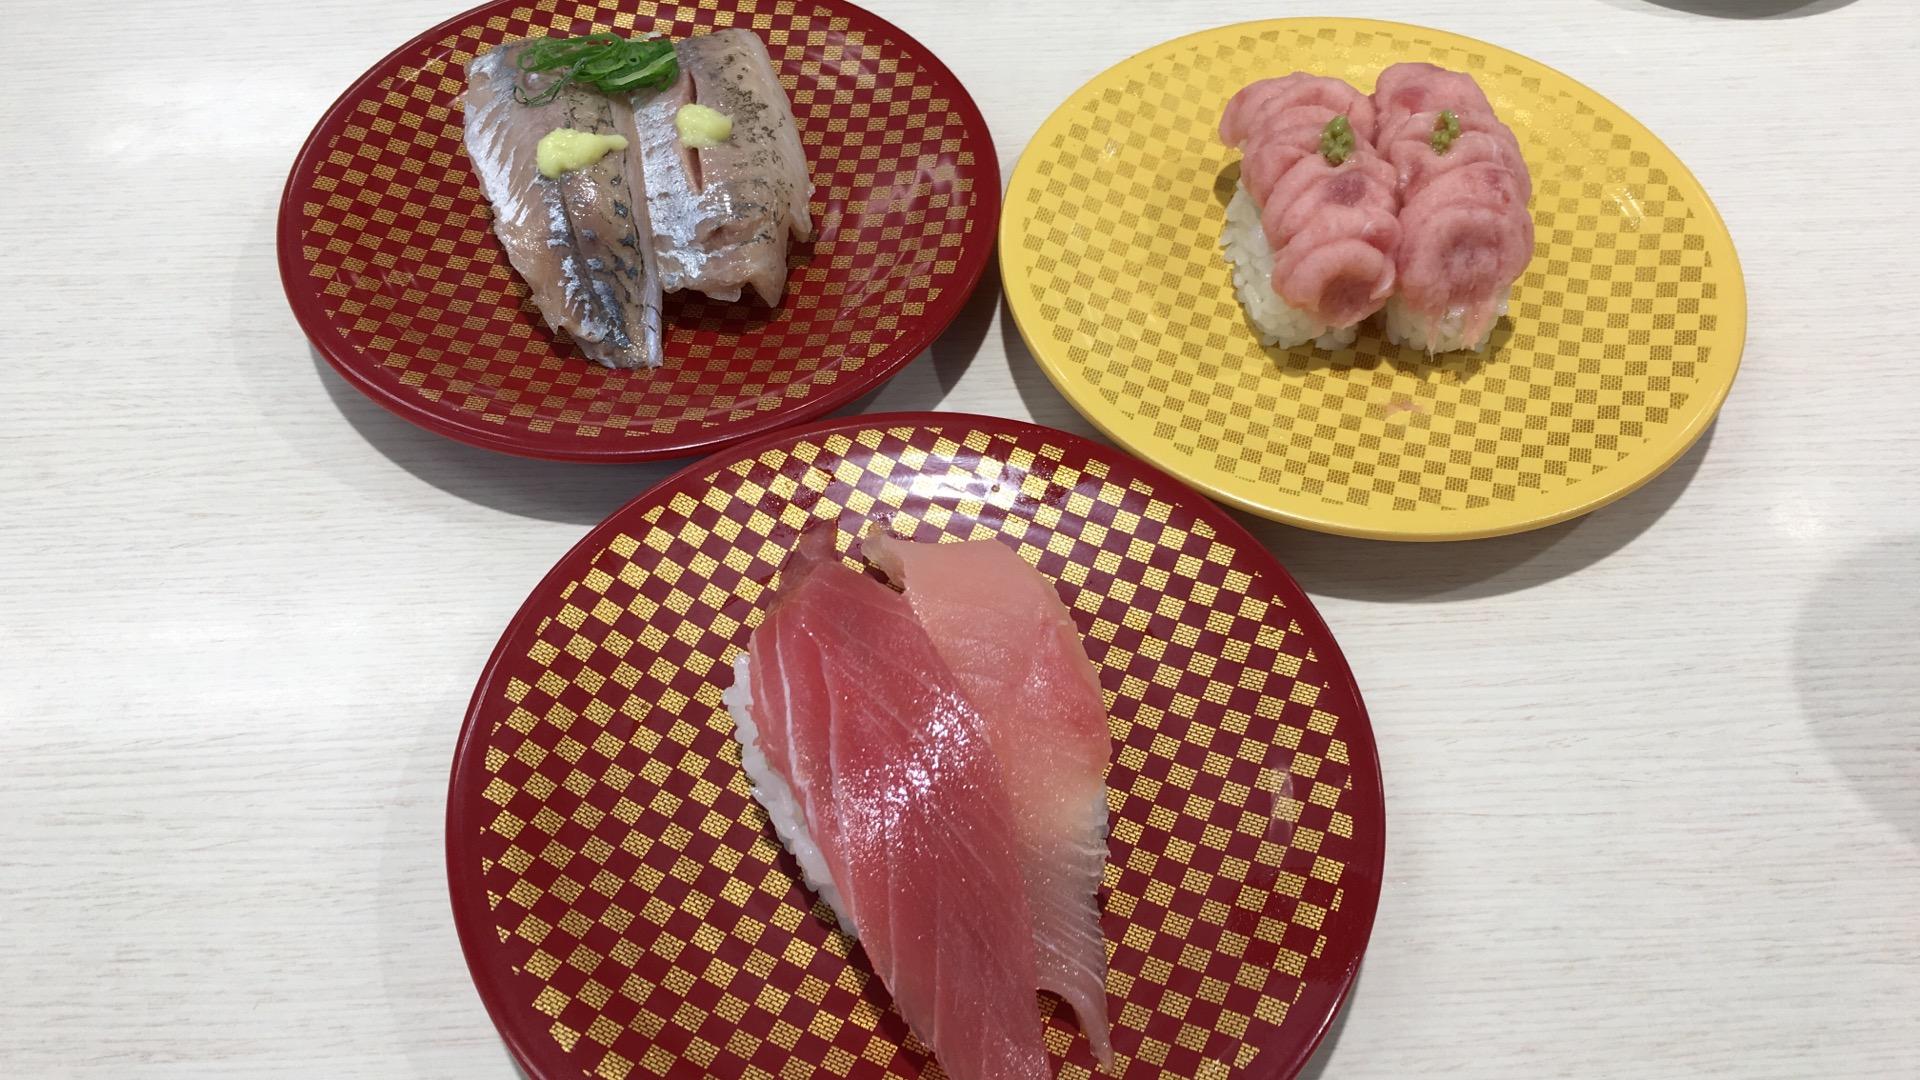 【さいたま市大宮区】一皿100円の「魚べい」は少しおしゃれな雰囲気の回転寿司屋